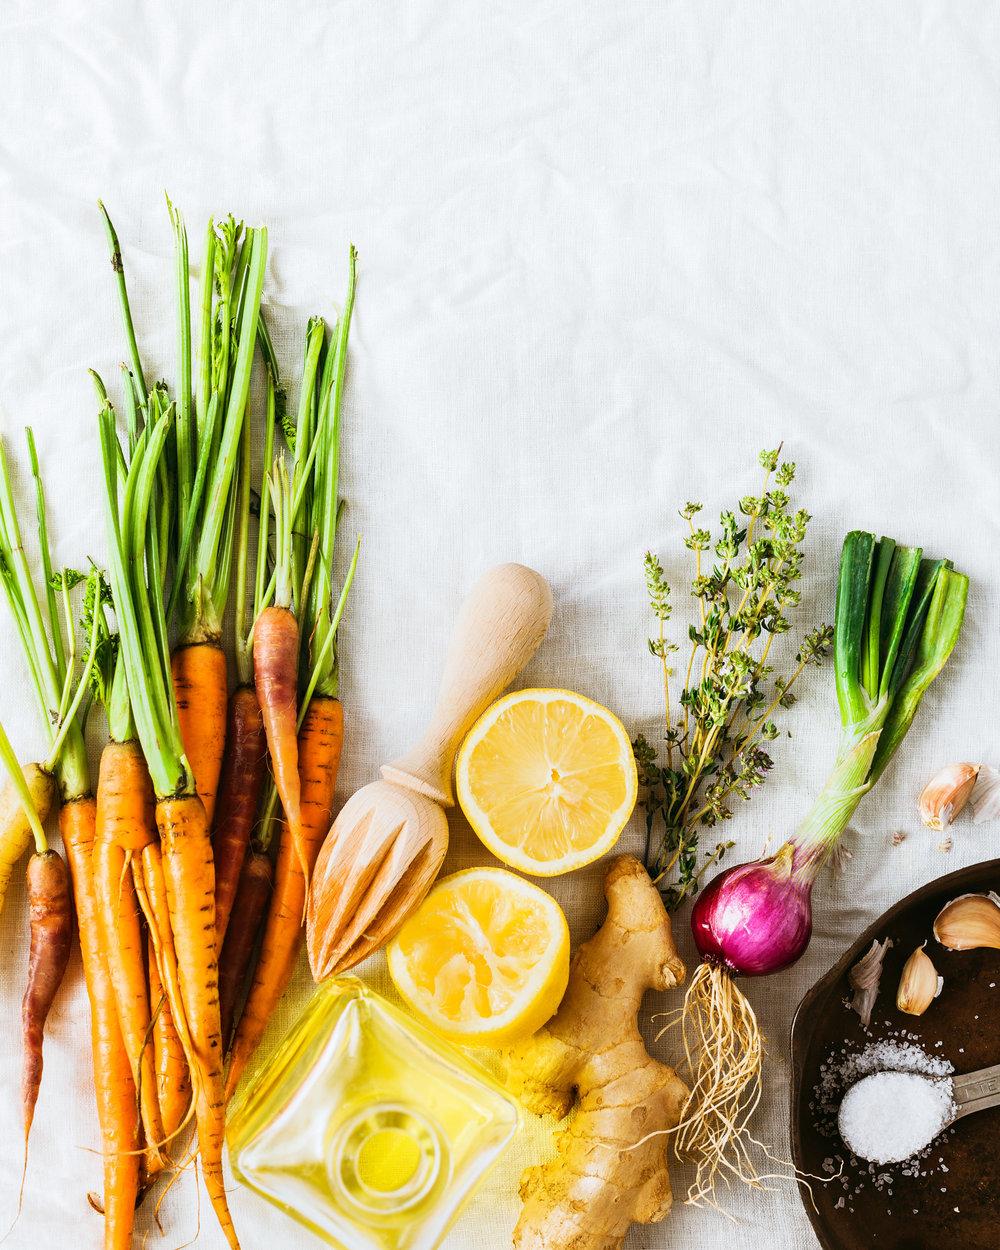 food-carrots-thyme-ingredients-lesliegrow.jpg